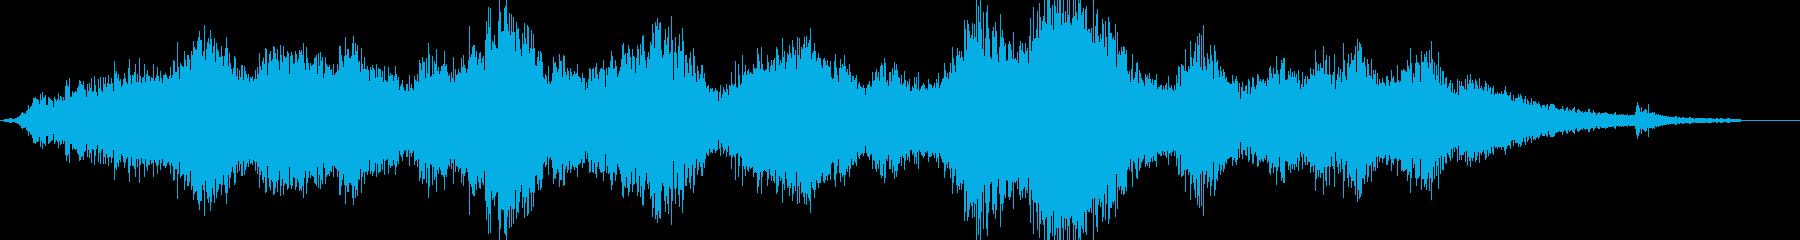 ダークです ドローンです サスペンス …の再生済みの波形